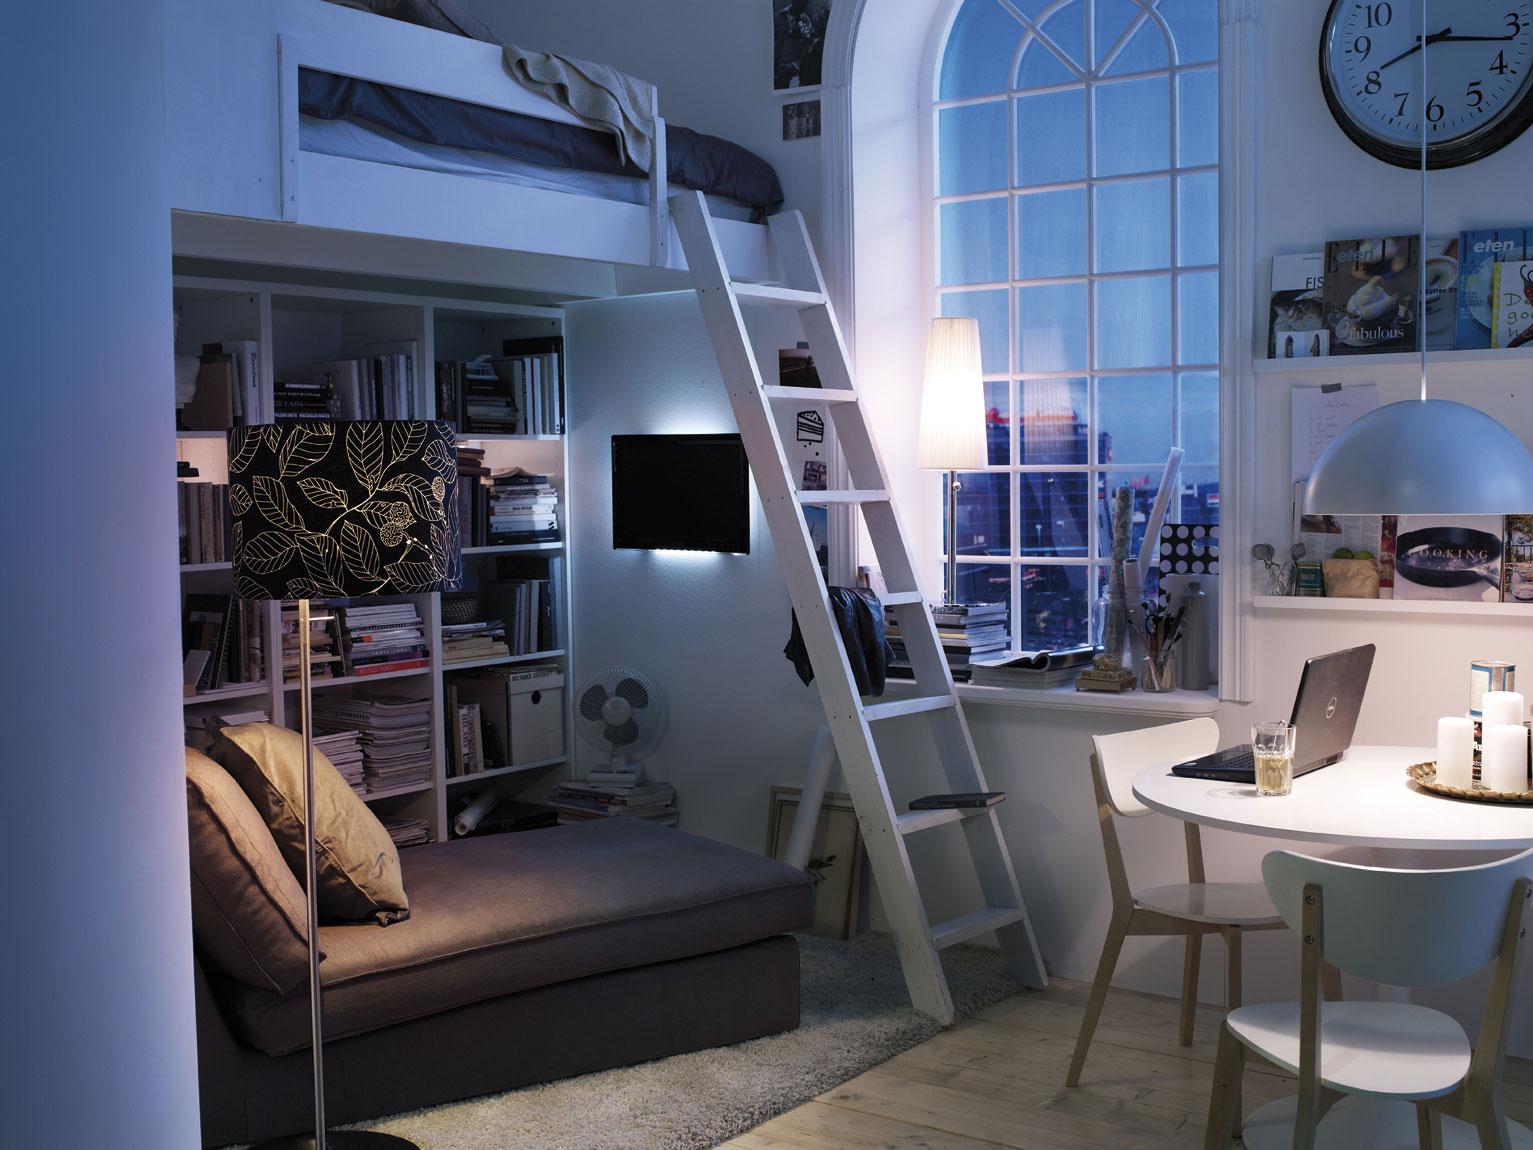 Fotos Decoracion Salones Ikea ~ El Ba?l de Madera Bienvenid@ a mi Dulce y Peque?a Morada !!!